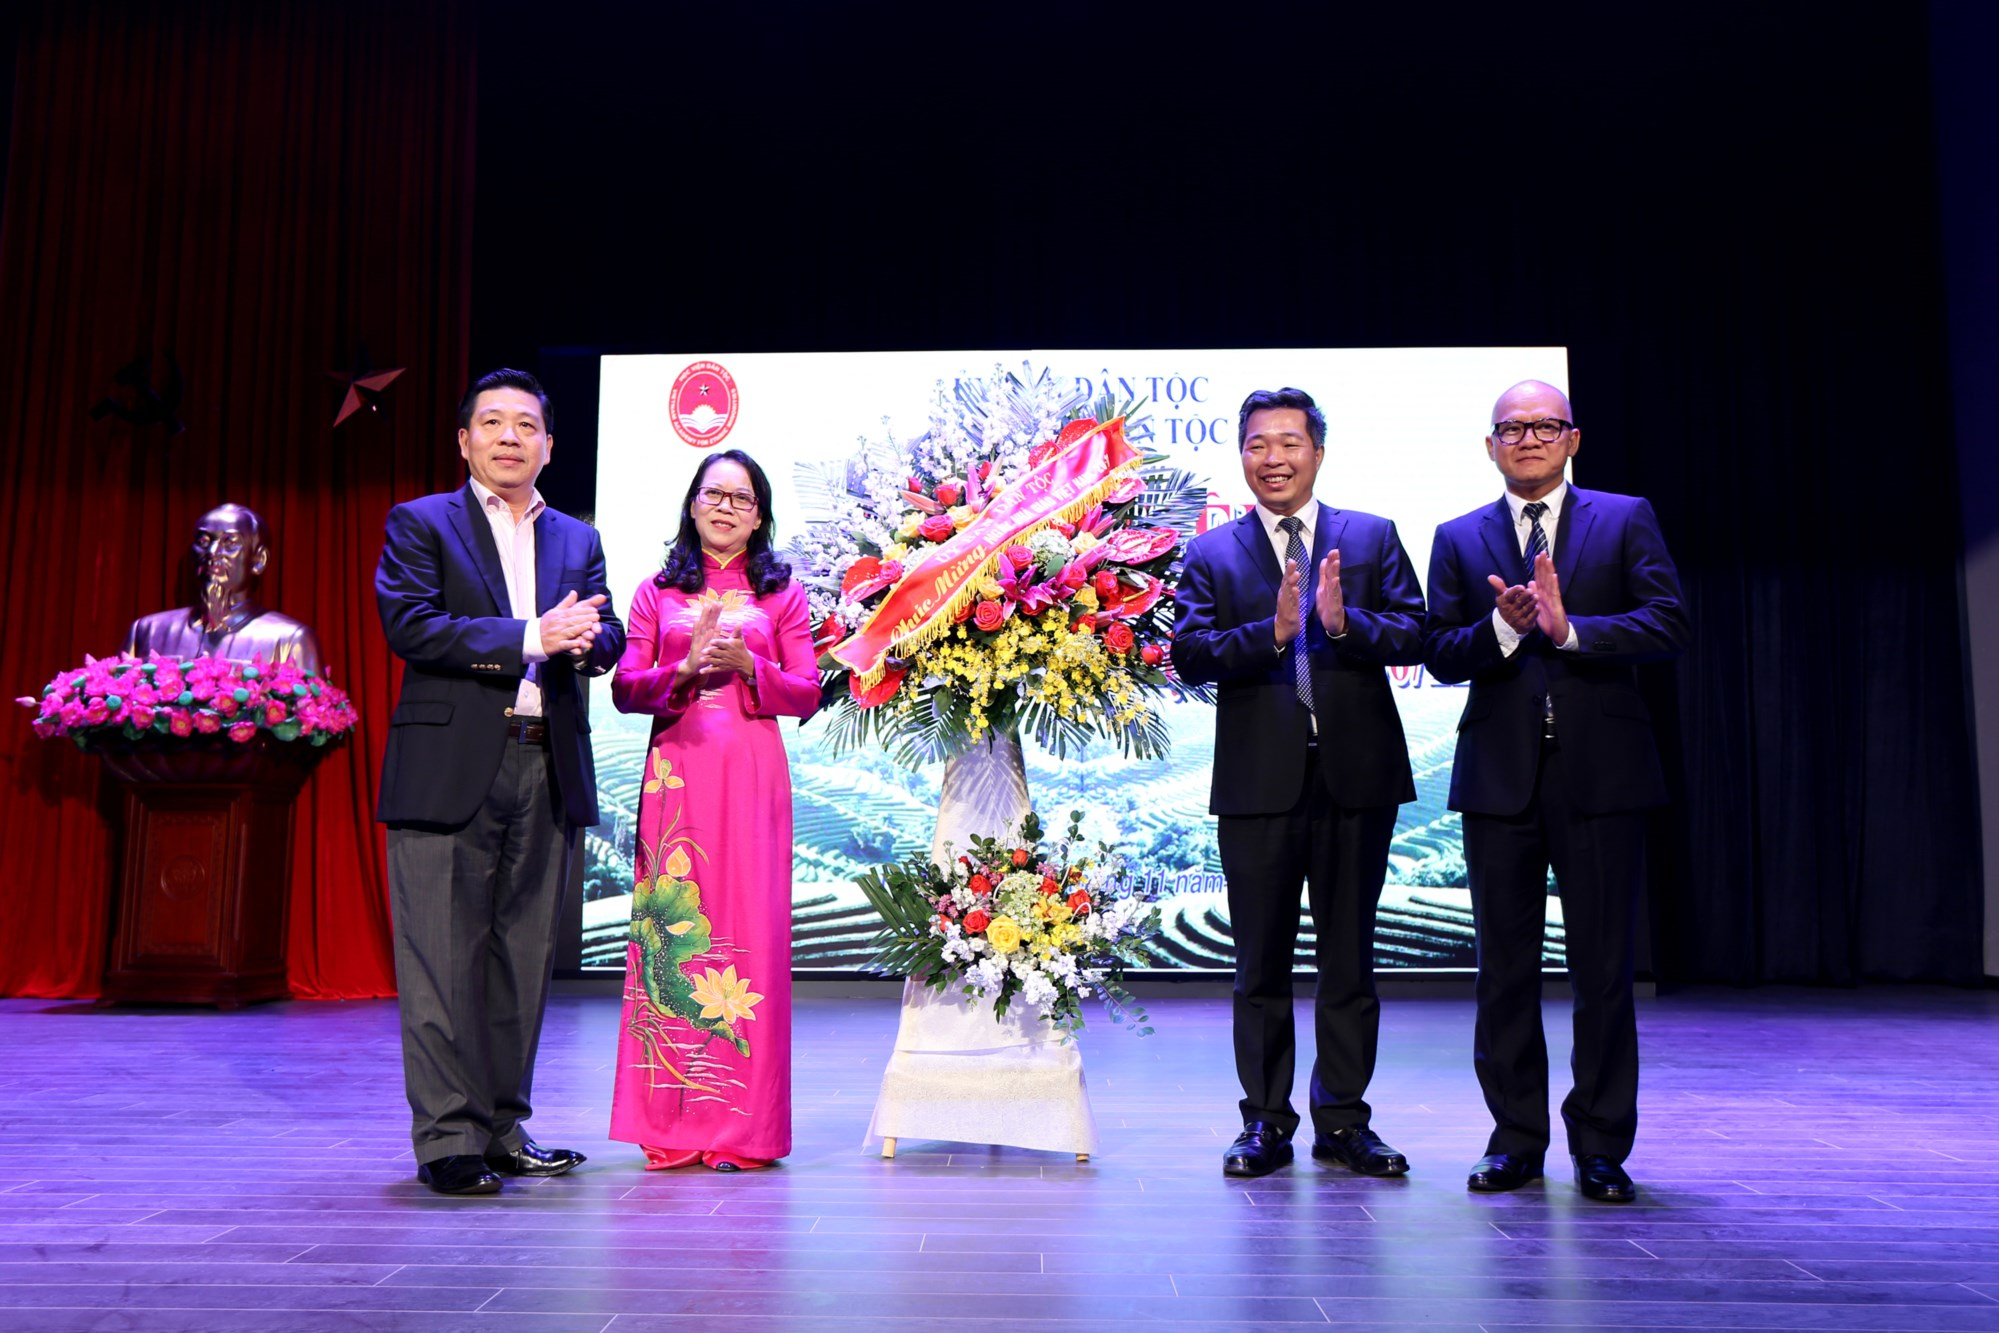 Thứ trưởng, Phó Chủ nhiệm UBDT Lê Sơn Hải và Hoàng Thị Hạnh tặng hoa chúc mừng Học viện Dân tộc